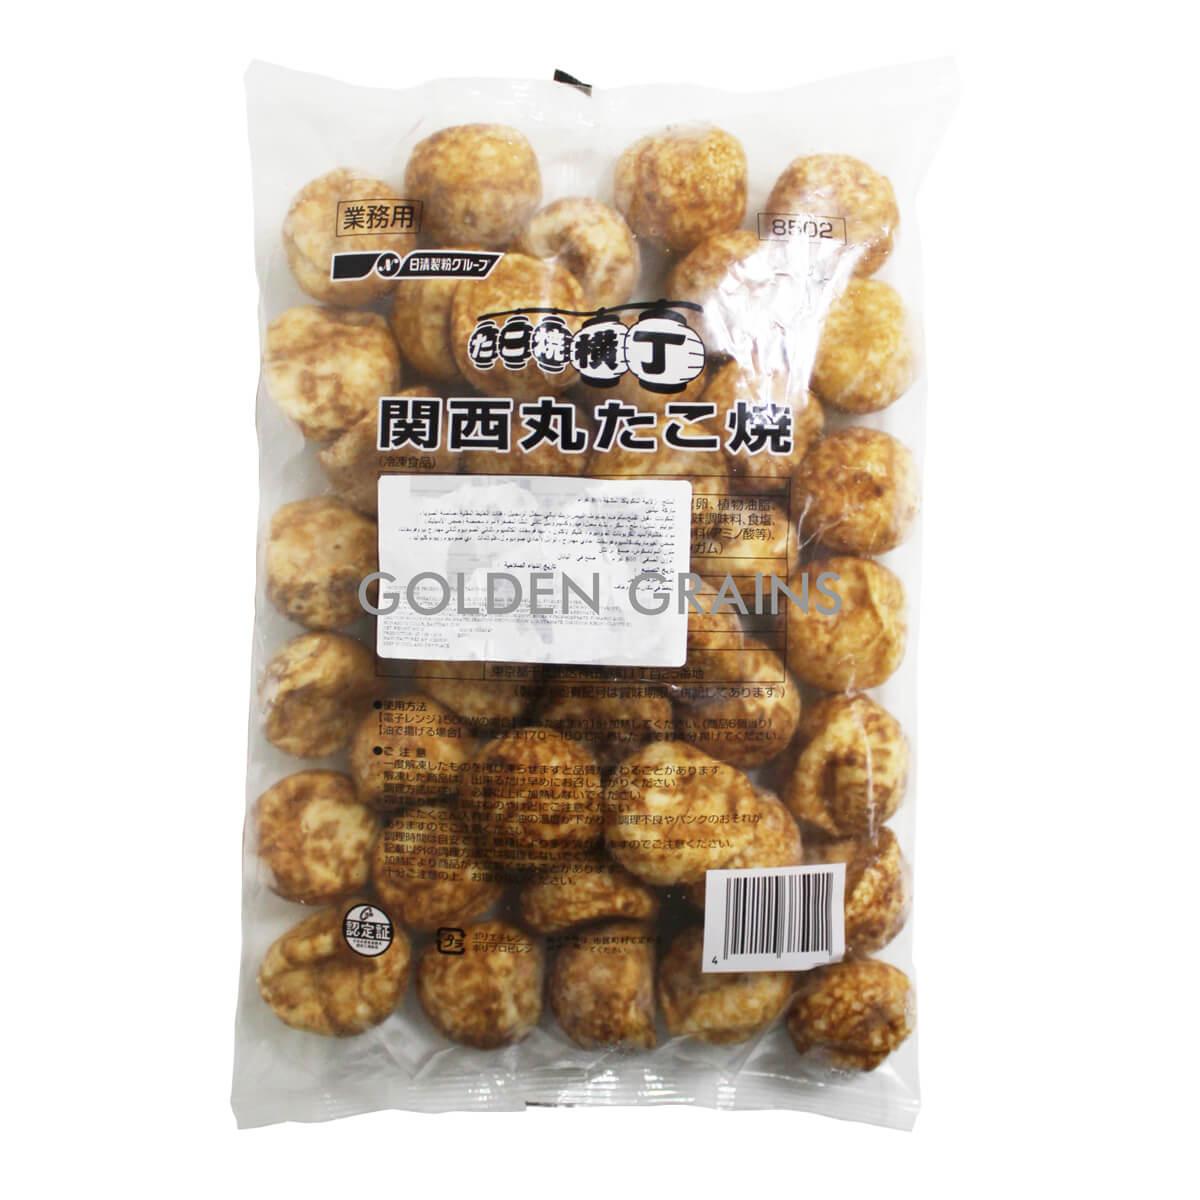 Golden Grains Nisshin - Takoyaki - Front.jpg